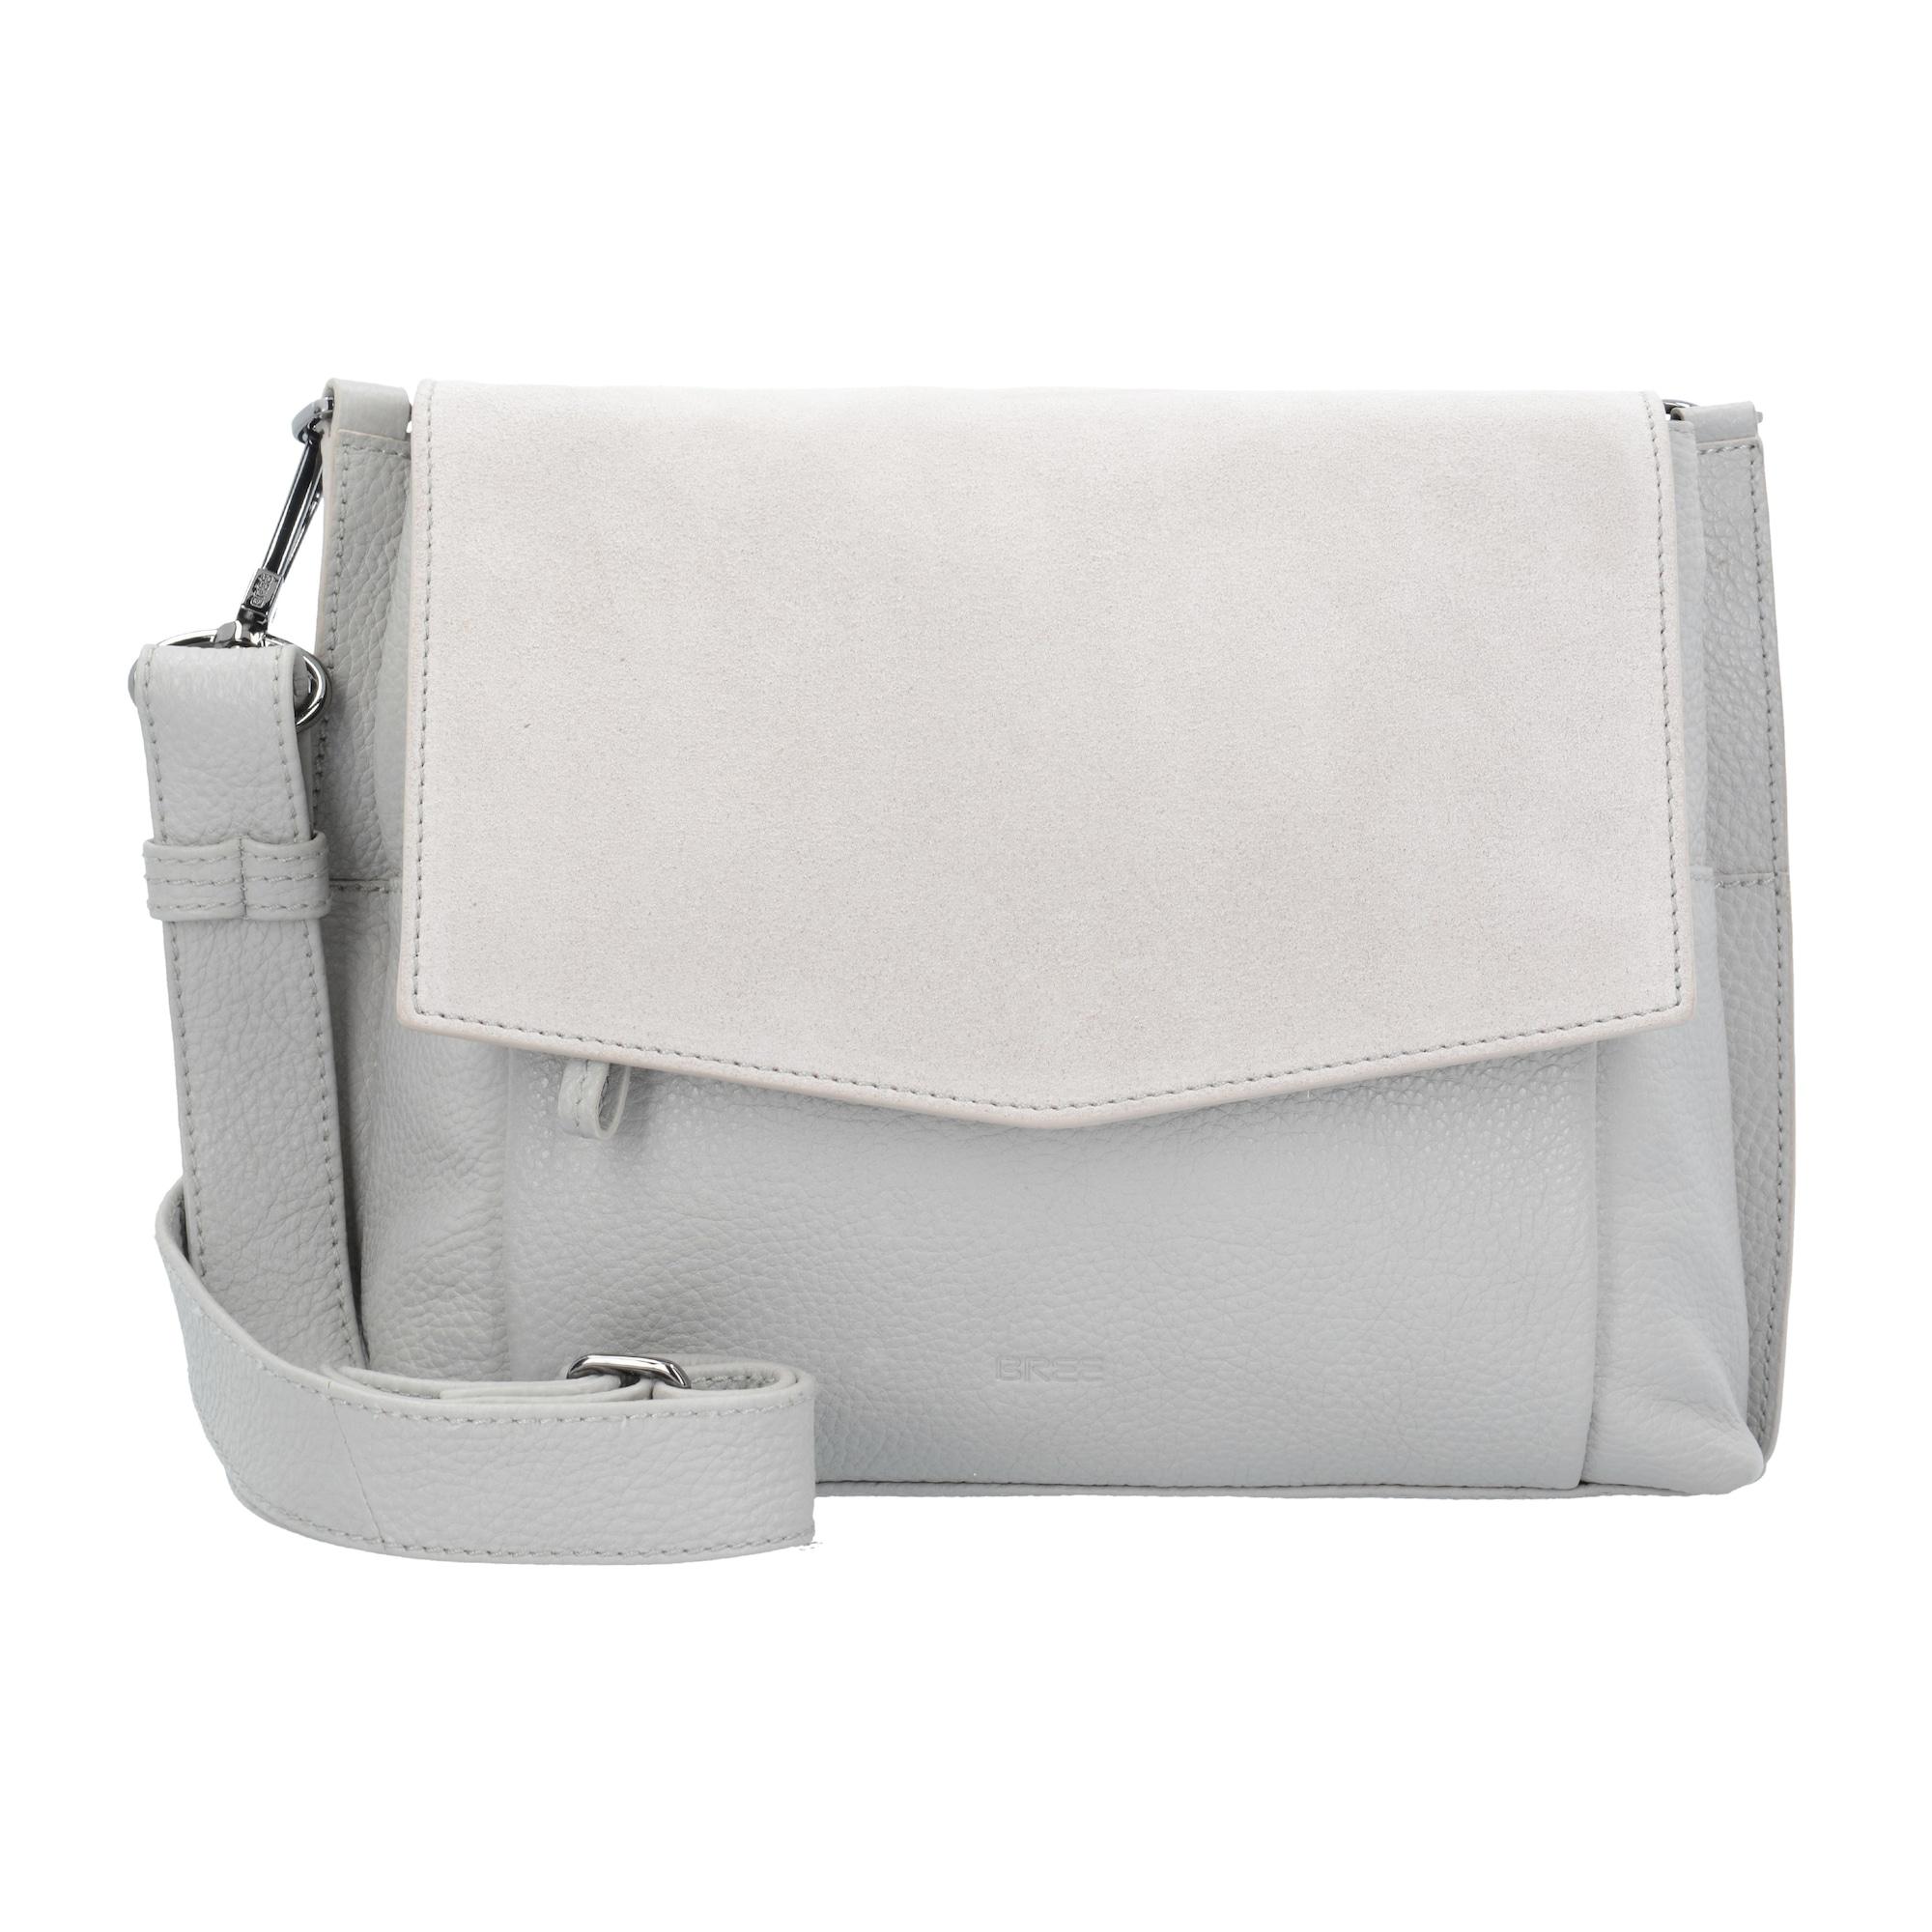 Schultertasche  'Brigitte' 26 cm | Taschen > Handtaschen | Grau | Bree